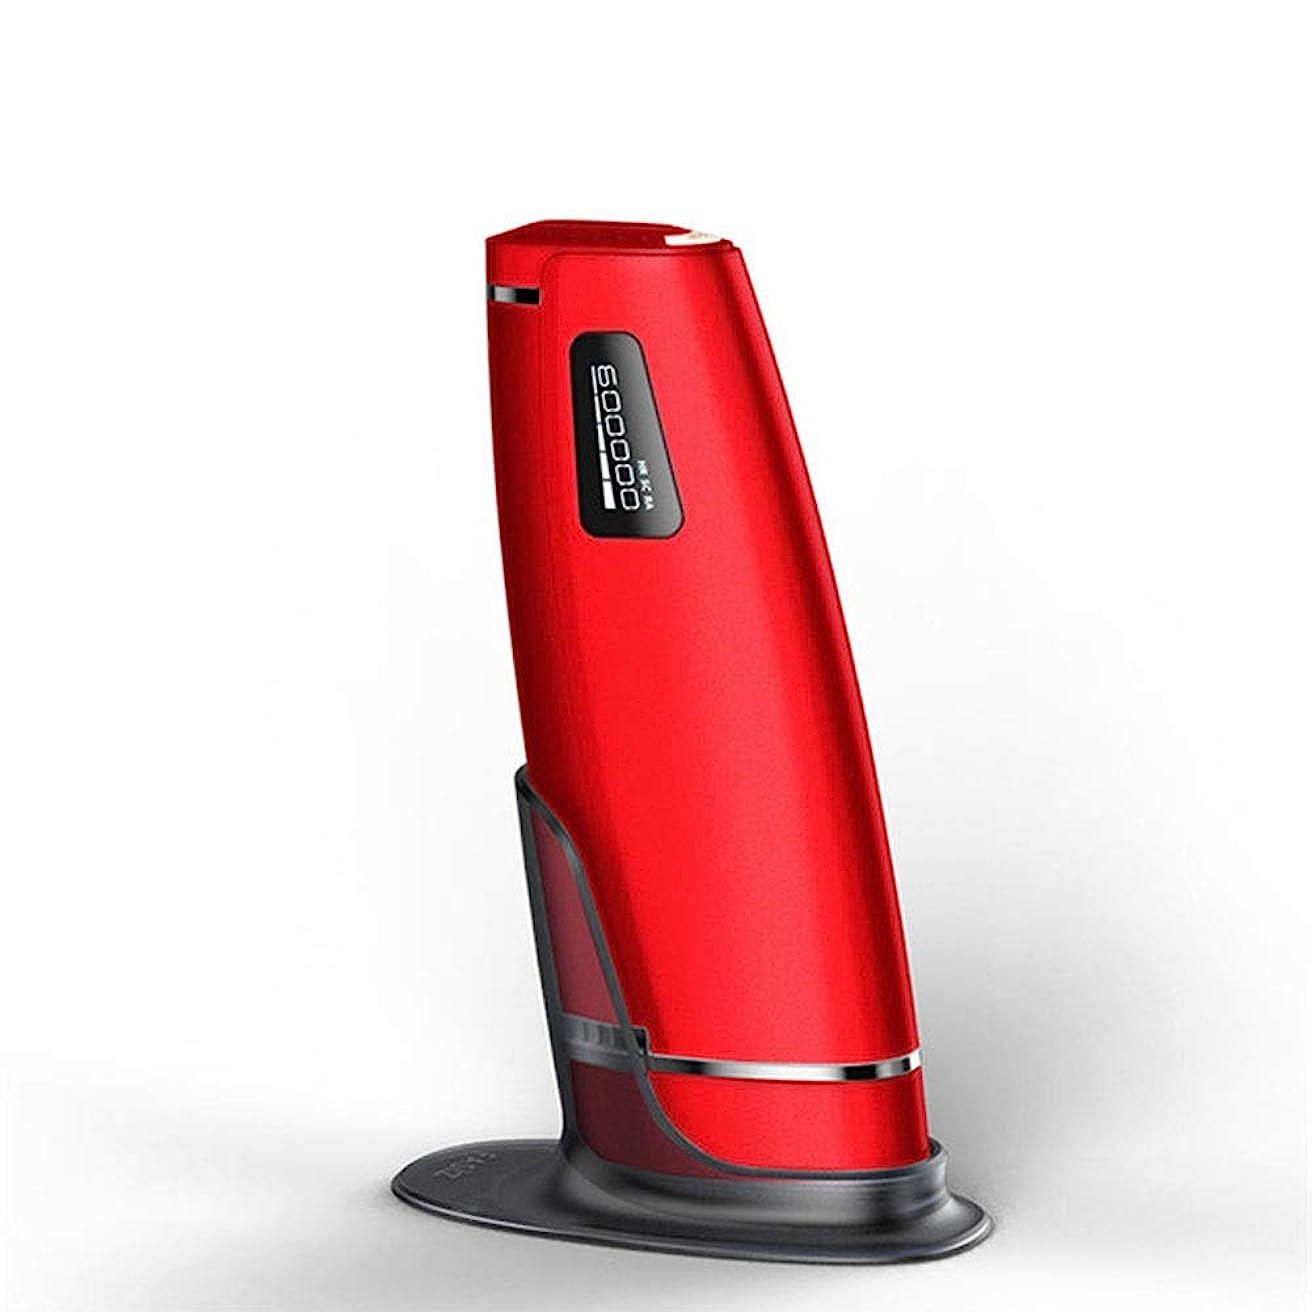 尊厳タック雄弁家Iku夫 赤、デュアルモード、ホームオートマチック無痛脱毛剤、携帯用永久脱毛剤、5スピード調整、サイズ20.5 X 4.5 X 7 Cm (Color : Red)